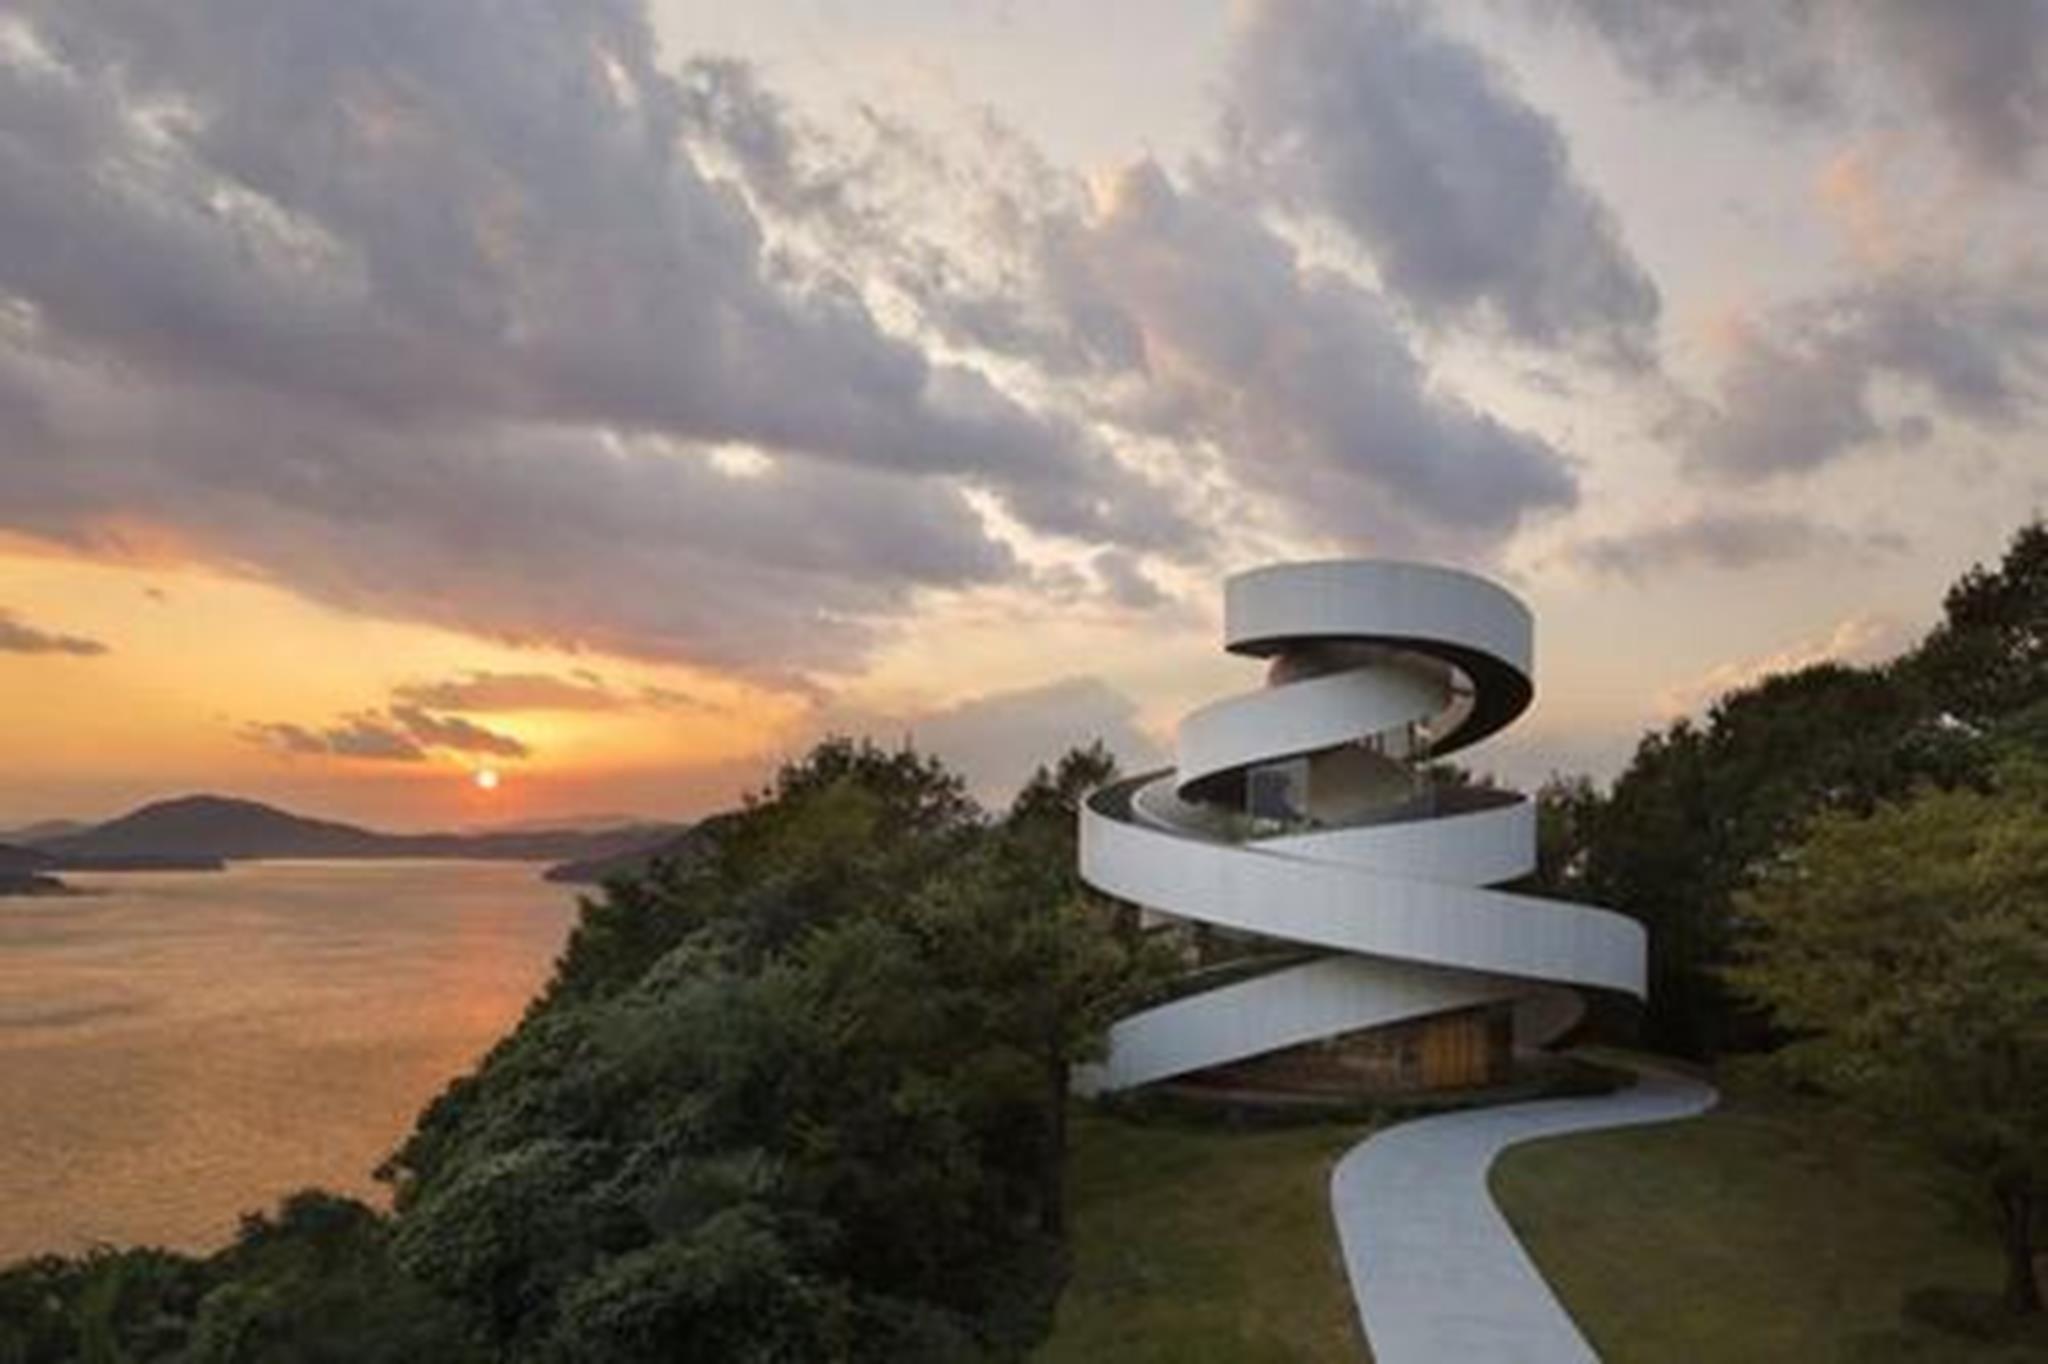 Nhà nguyện tổ chức lễ cưới ở Onomichi, Hiroshima, Nhật Bản được thiết kế theo kiến trúc mặt đứng ấn tượng. Công trình kiến trúc ấn tượng nhất năm 2016 này được bao bọc xung quanh bằng kính và bức tường giống hình dải lụa trắng thể hiện sự tinh khiết, thiêng liêng của hôn nhân.